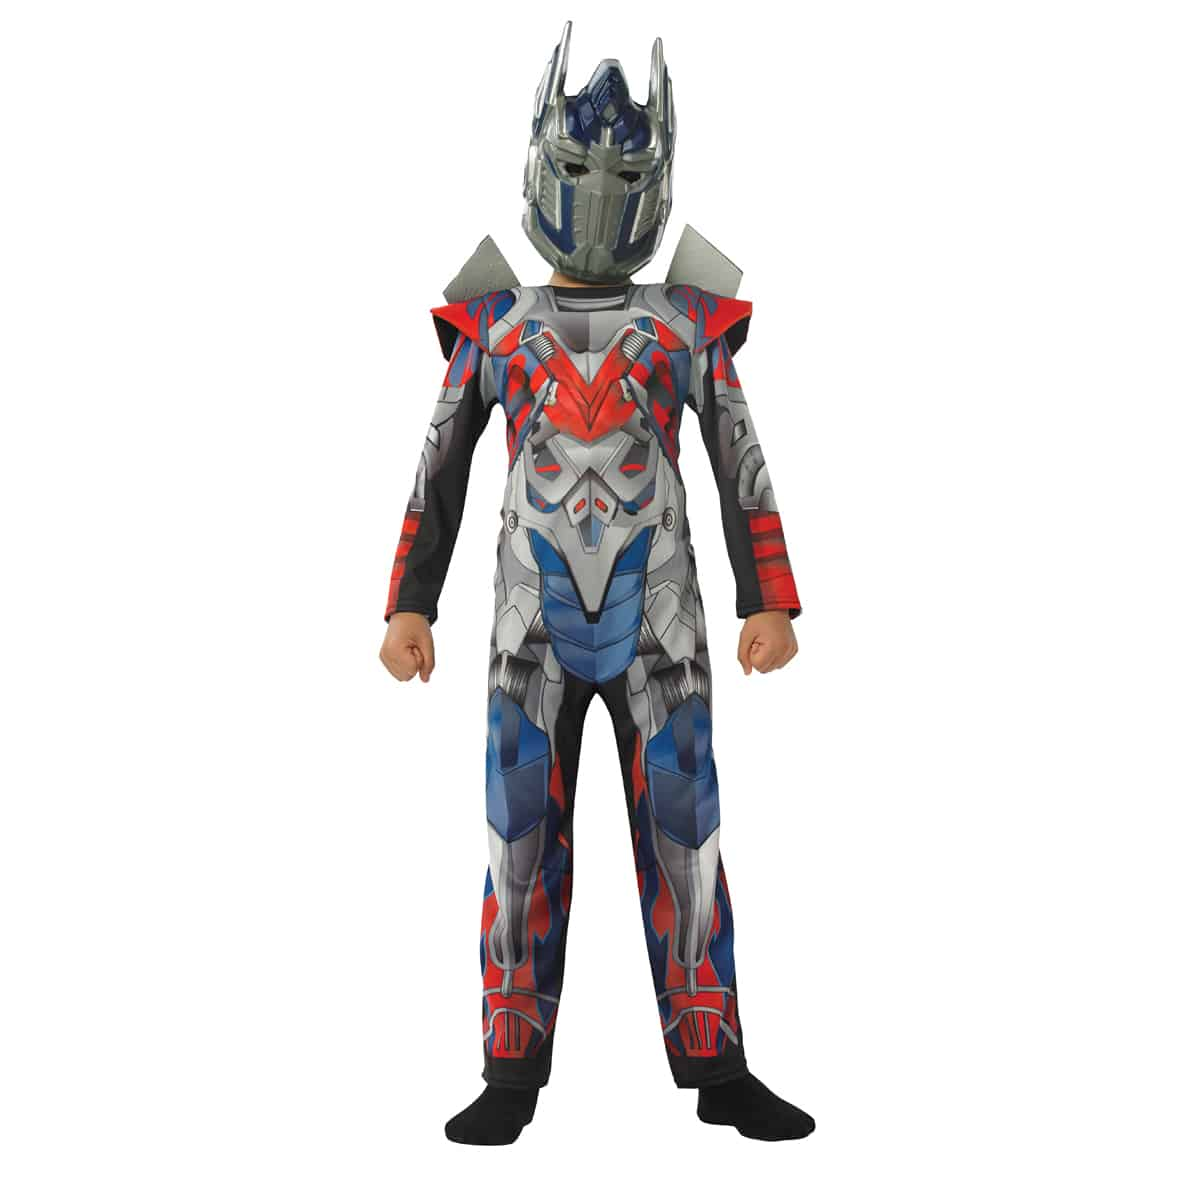 Transformers kostüm optimus prime für kinder günstig